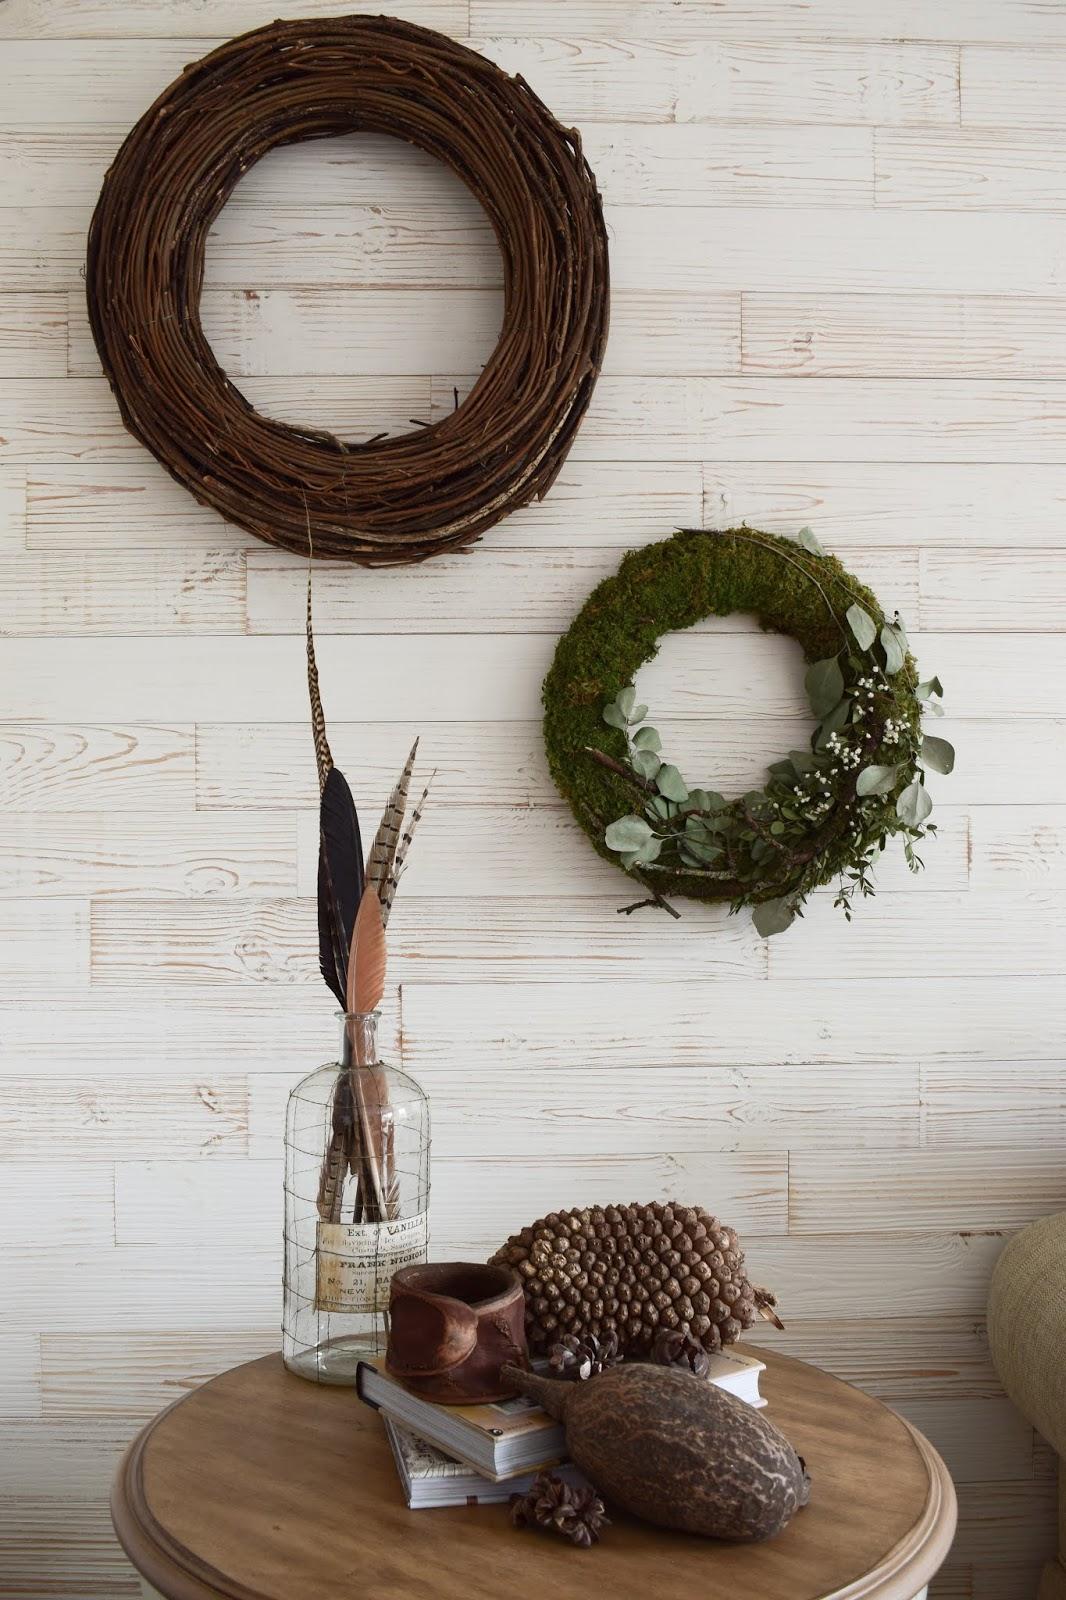 Deko für das Wohnzimmer und die Wand mit Kränzen aus Naturmaterialien Wanddeko. Natürlich wohnen und dekorieren. Dekoidee Kranz selber machen DIY